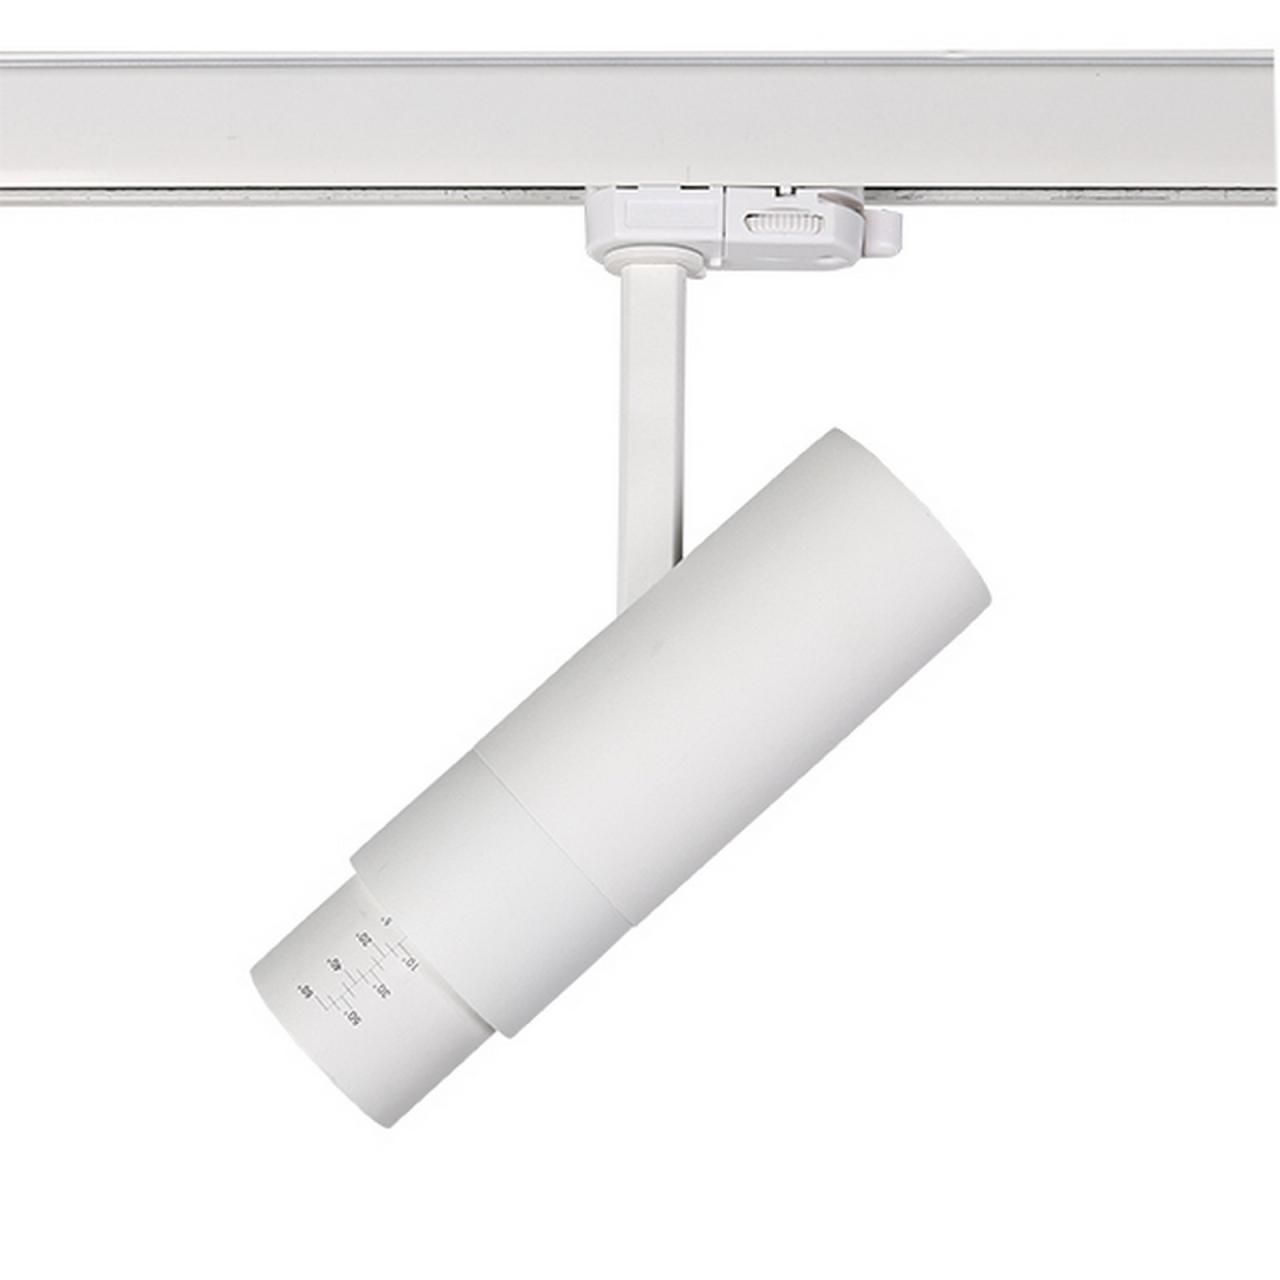 Светодиодный LED светильник для 3-фазного трека FUOCO 3000K Lightstar 215436